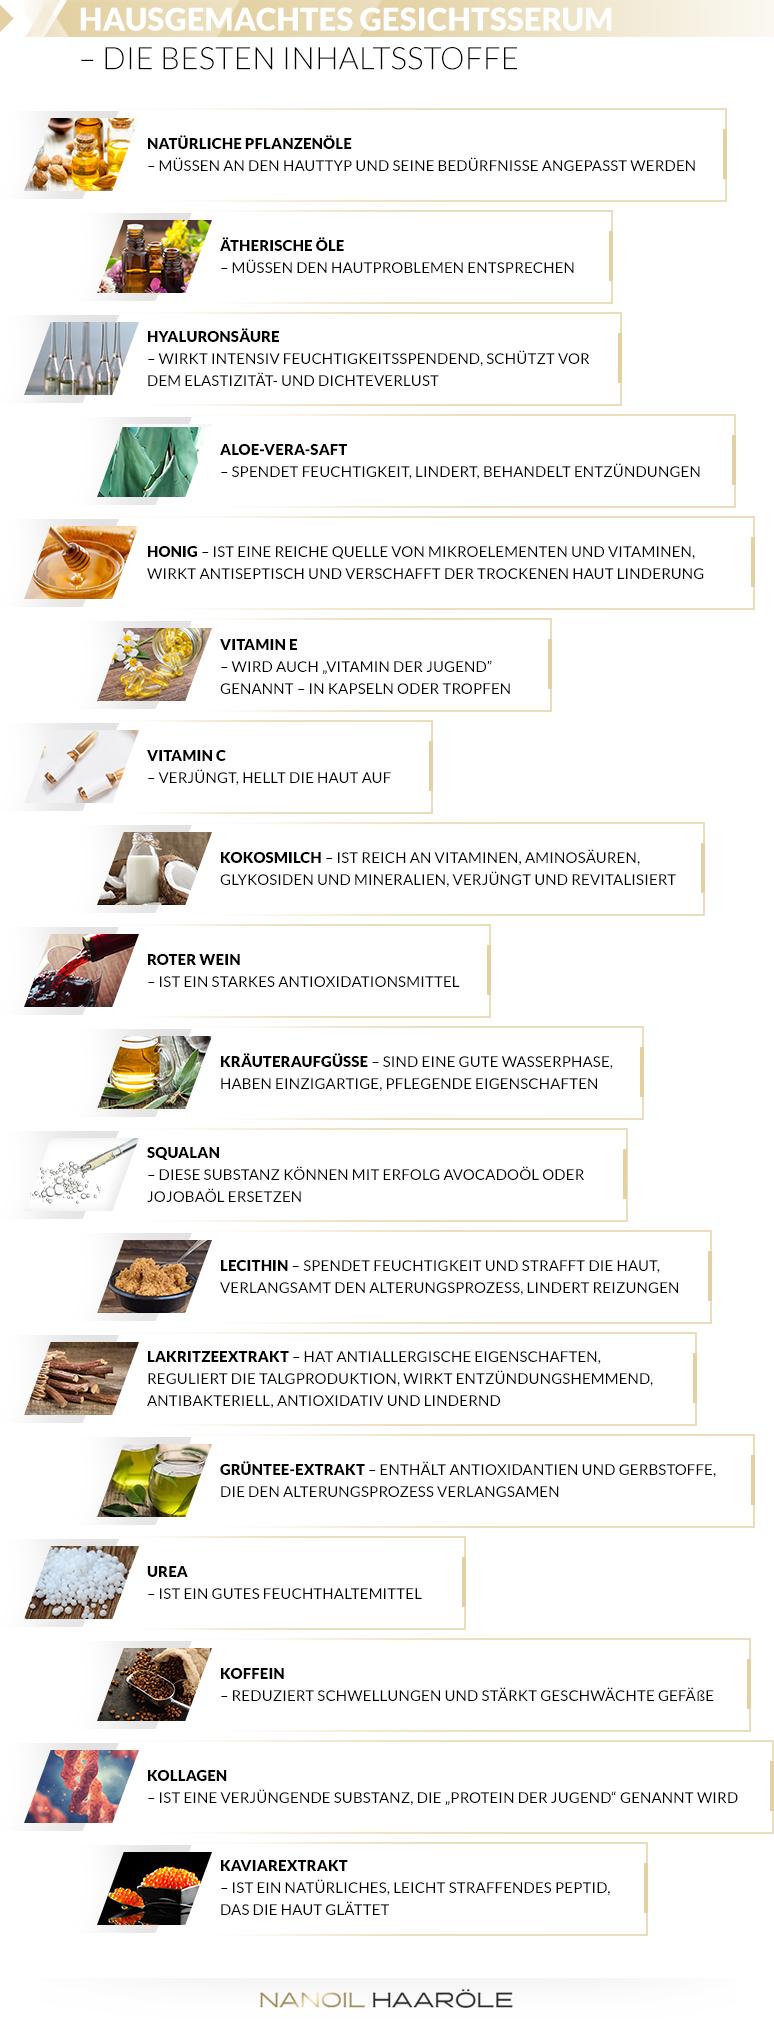 Hausgemachtes Serum - die besten Inhaltsstoffe